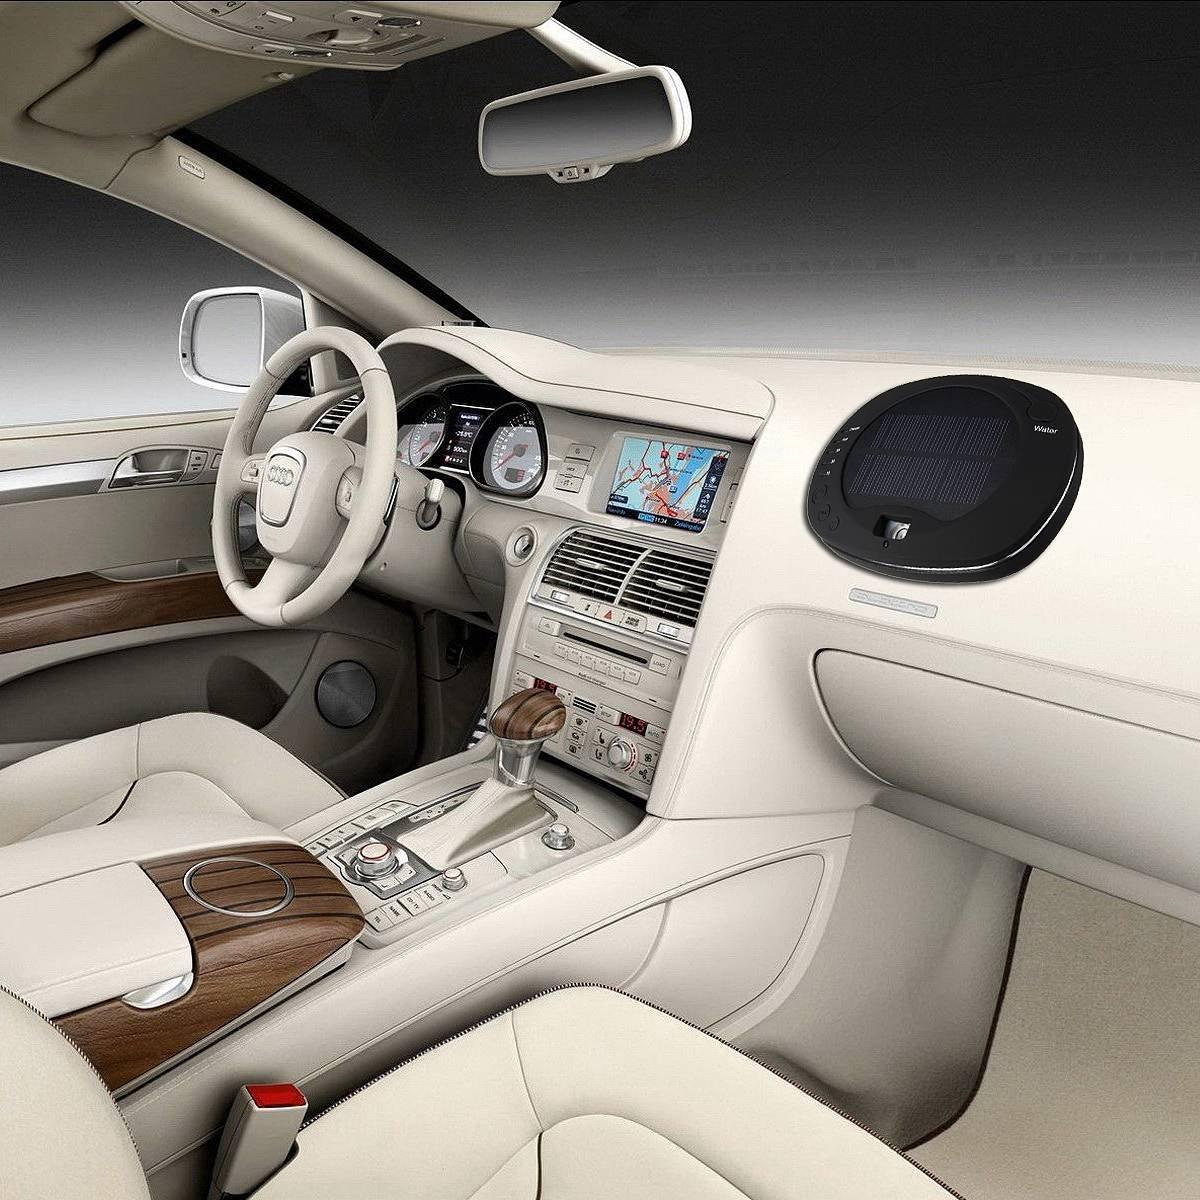 les meilleurs diffuseurs d huile essentielle pour voiture comparatif en oct 2018. Black Bedroom Furniture Sets. Home Design Ideas